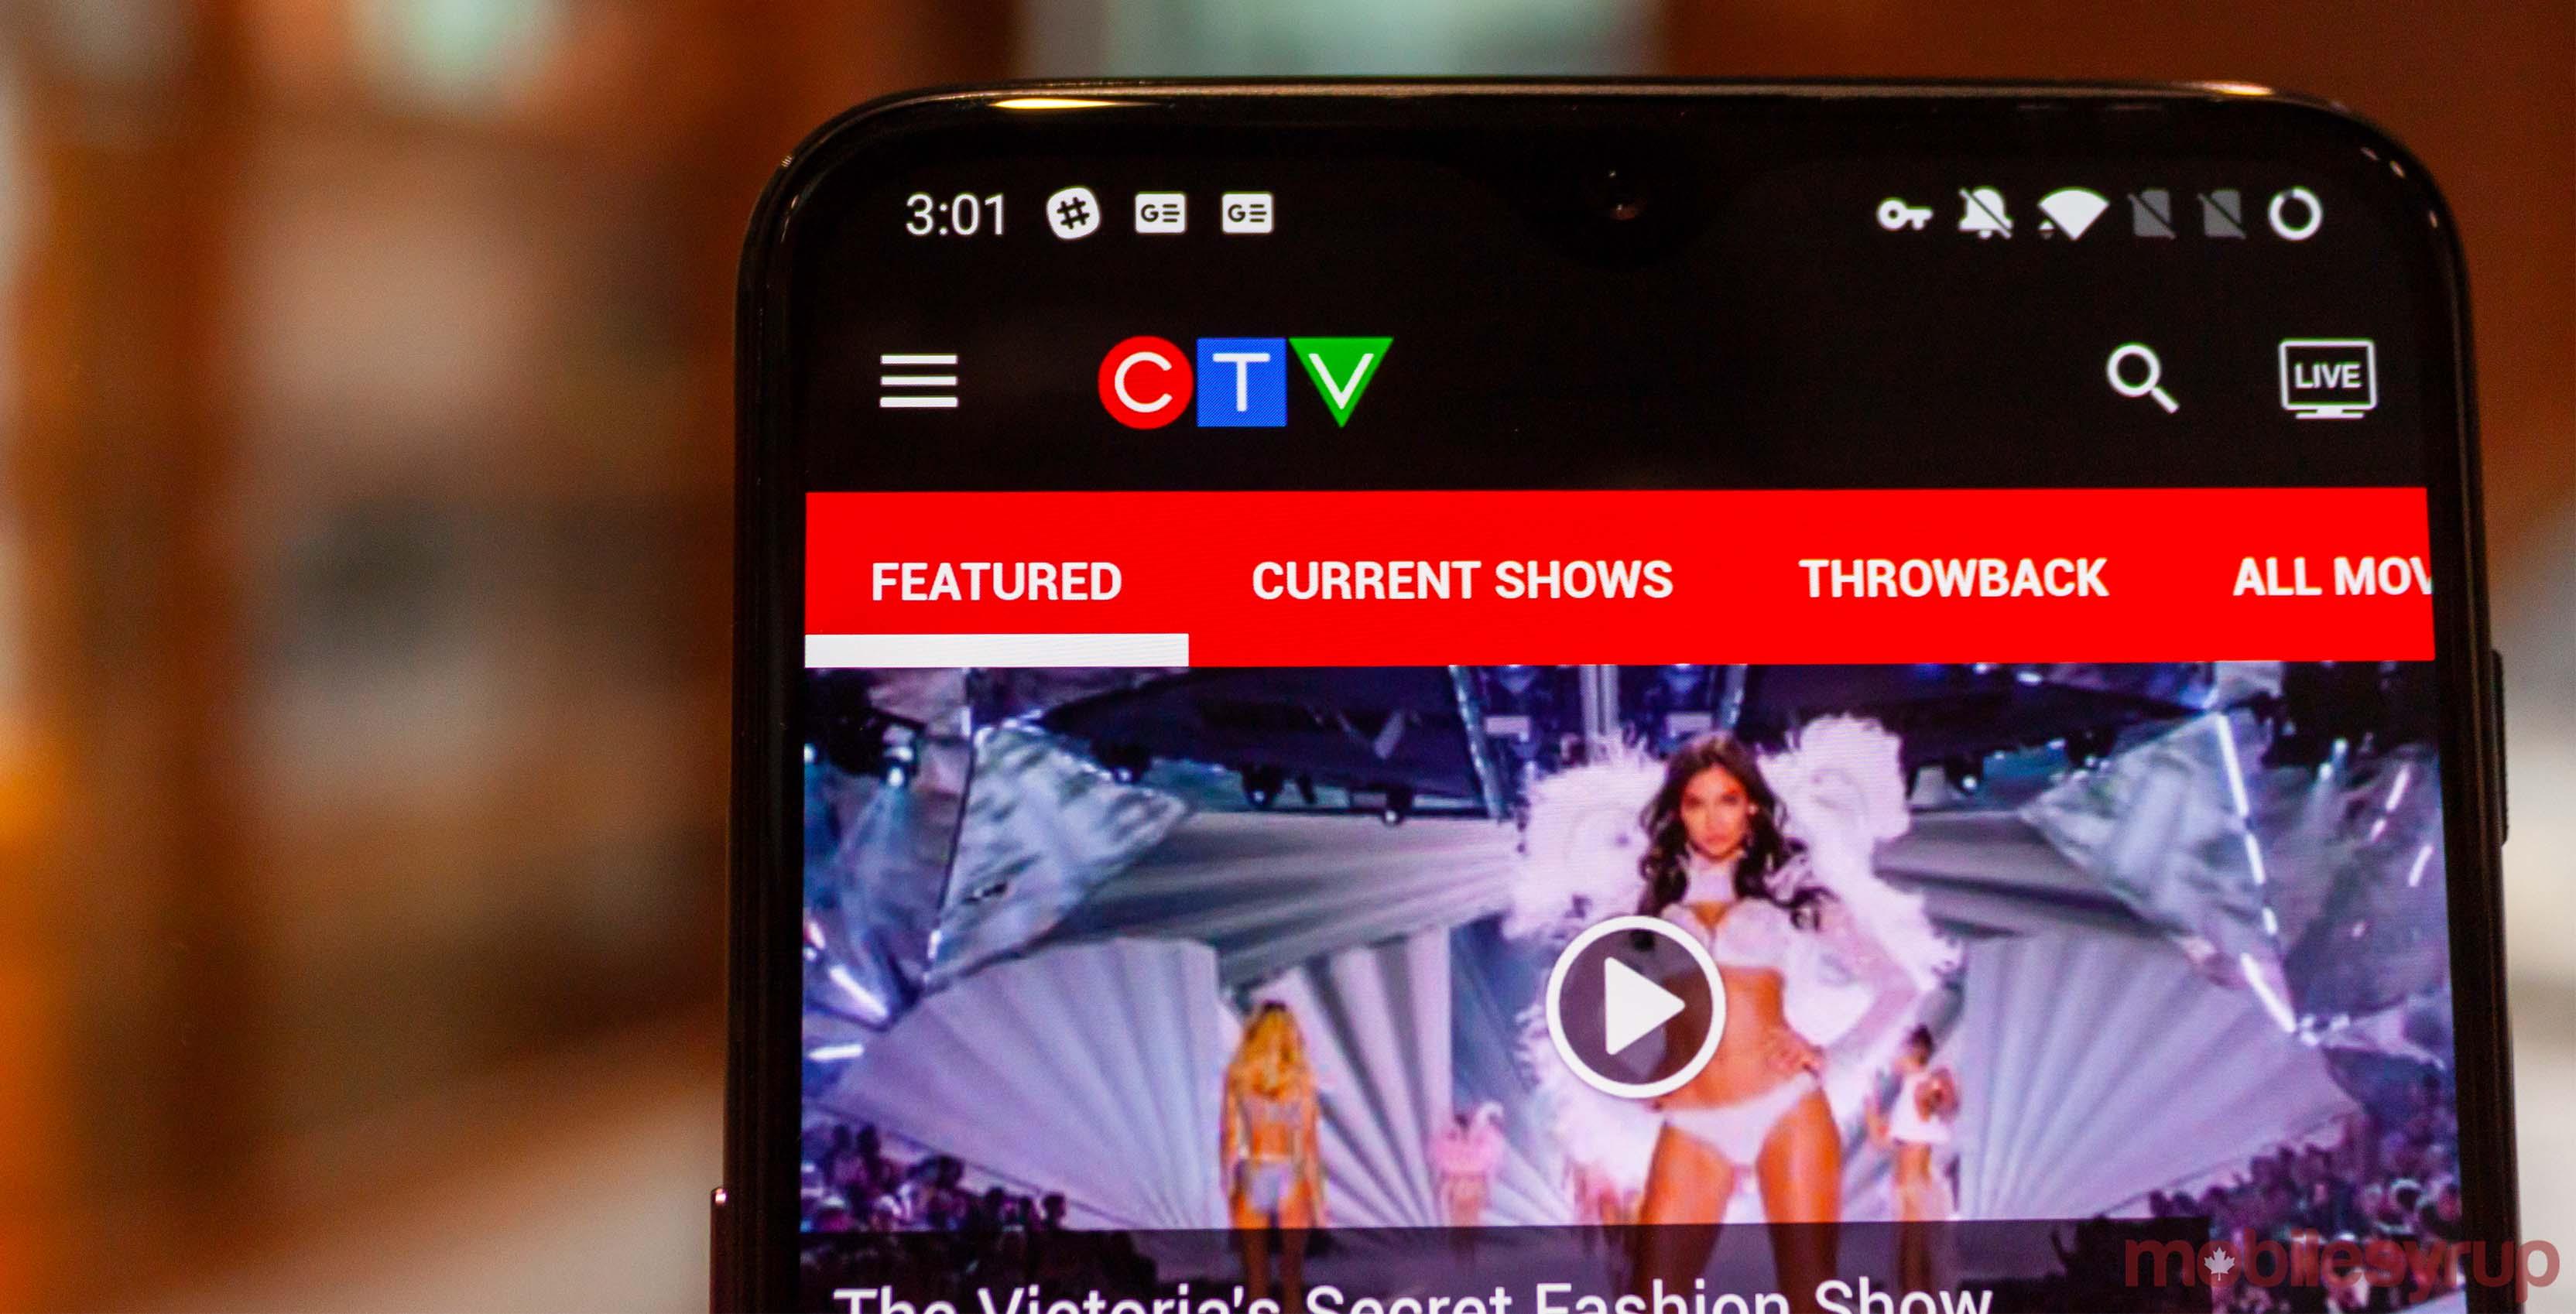 CTV app header